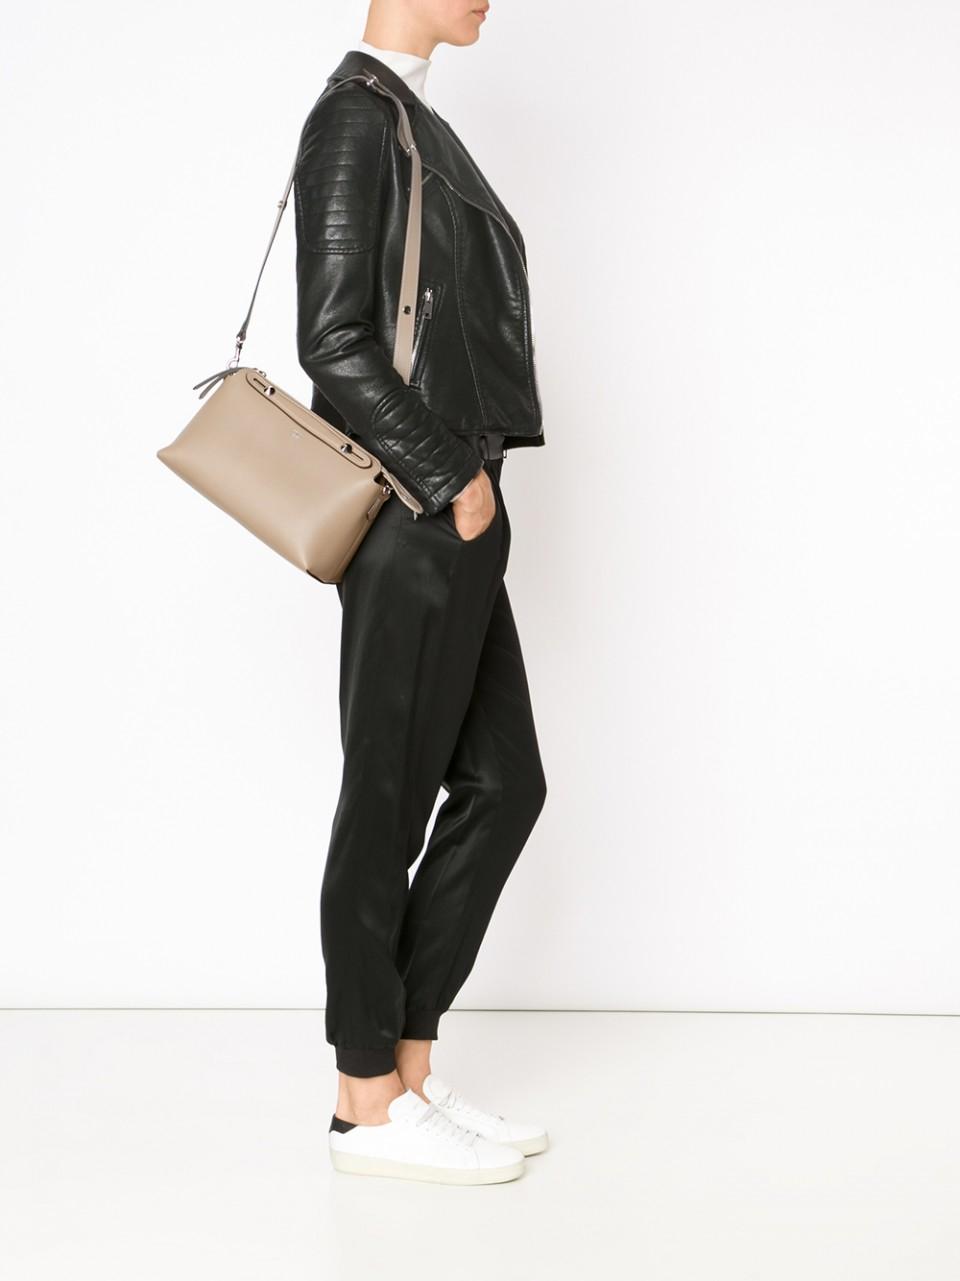 Fendi Handbag By The Way Bauletto Leather in Gray - Lyst a60c3cc0f41fd